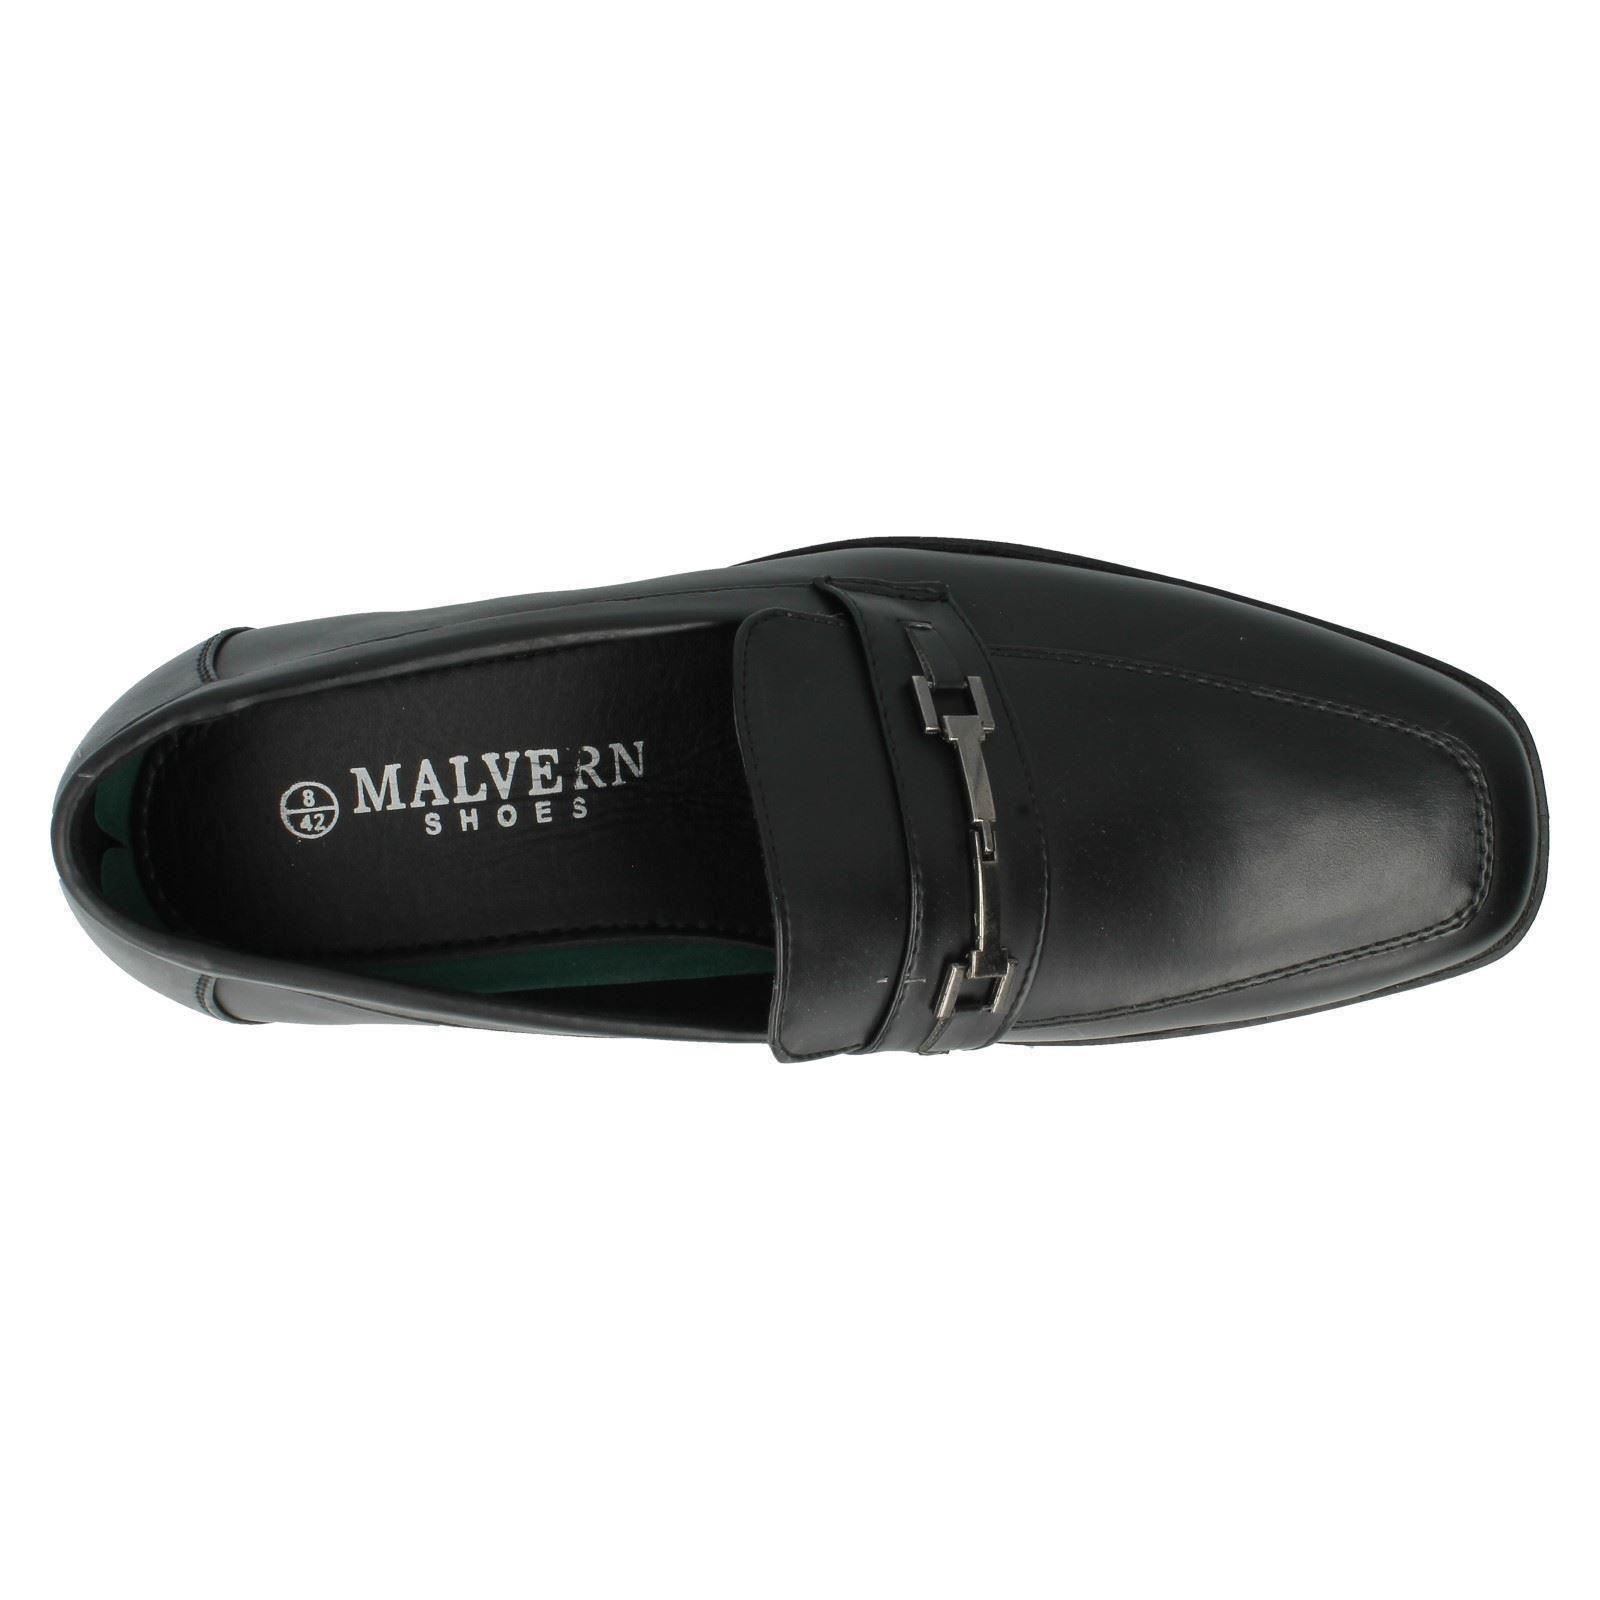 Para Hombre Malvern Zapatos Casuales Estilo-a1090